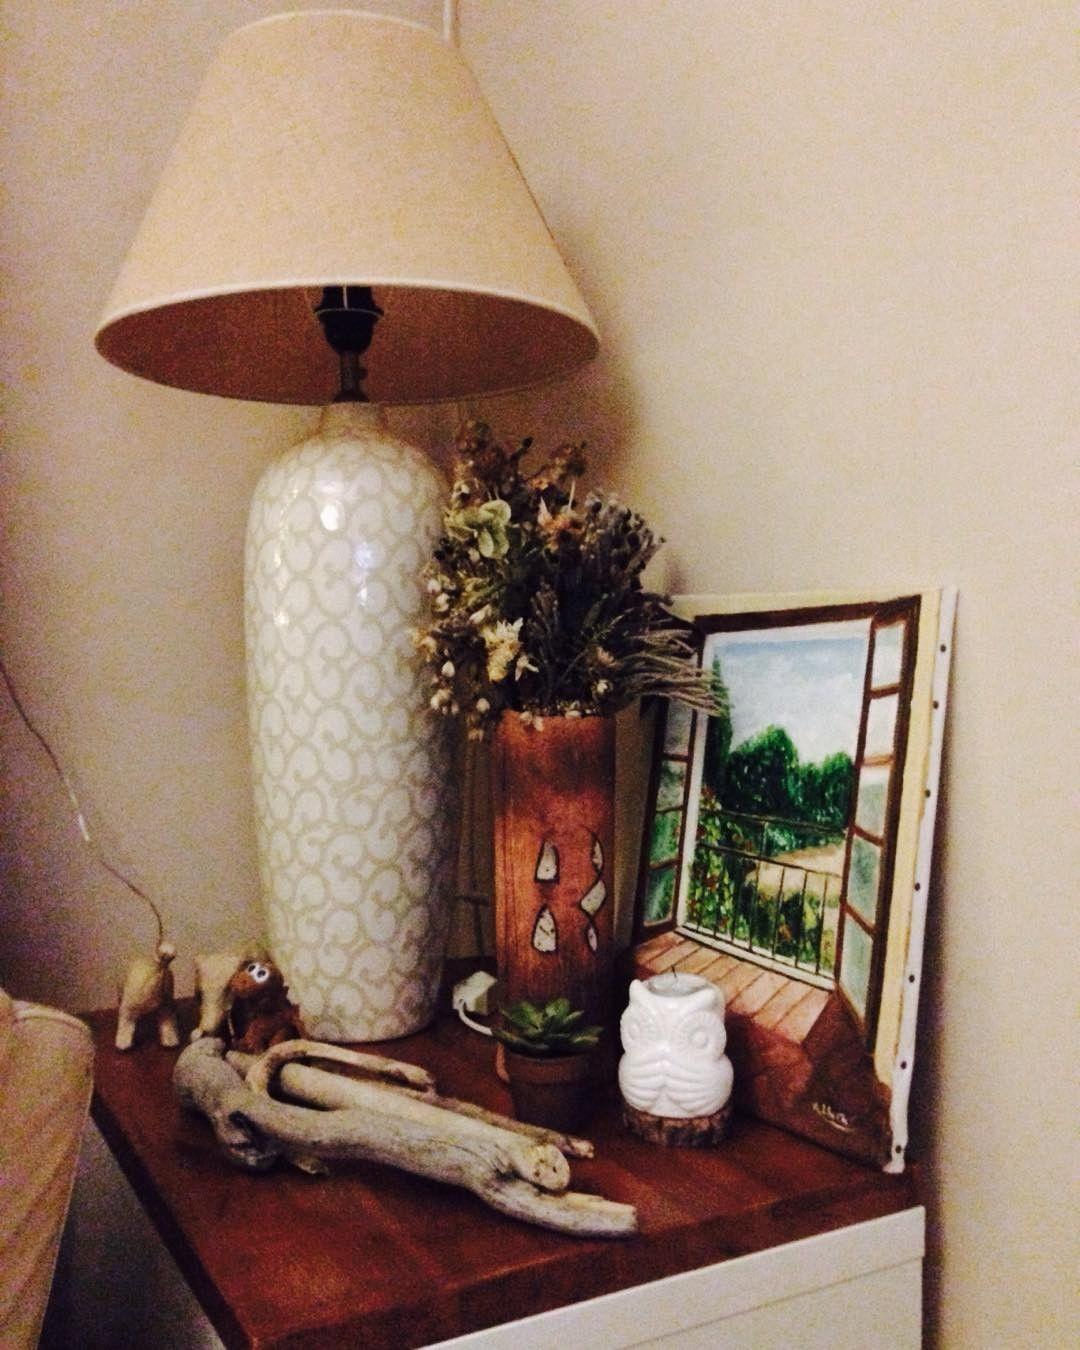 Preparando nossos cantos de inverno. Como gostamos de # decoração de casa # ...